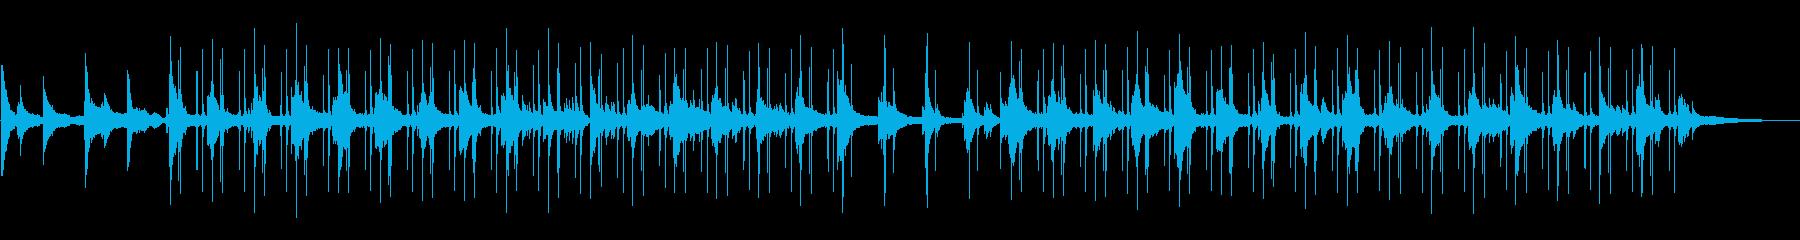 (雨音抜き)ジャズLo-fi チルアウトの再生済みの波形